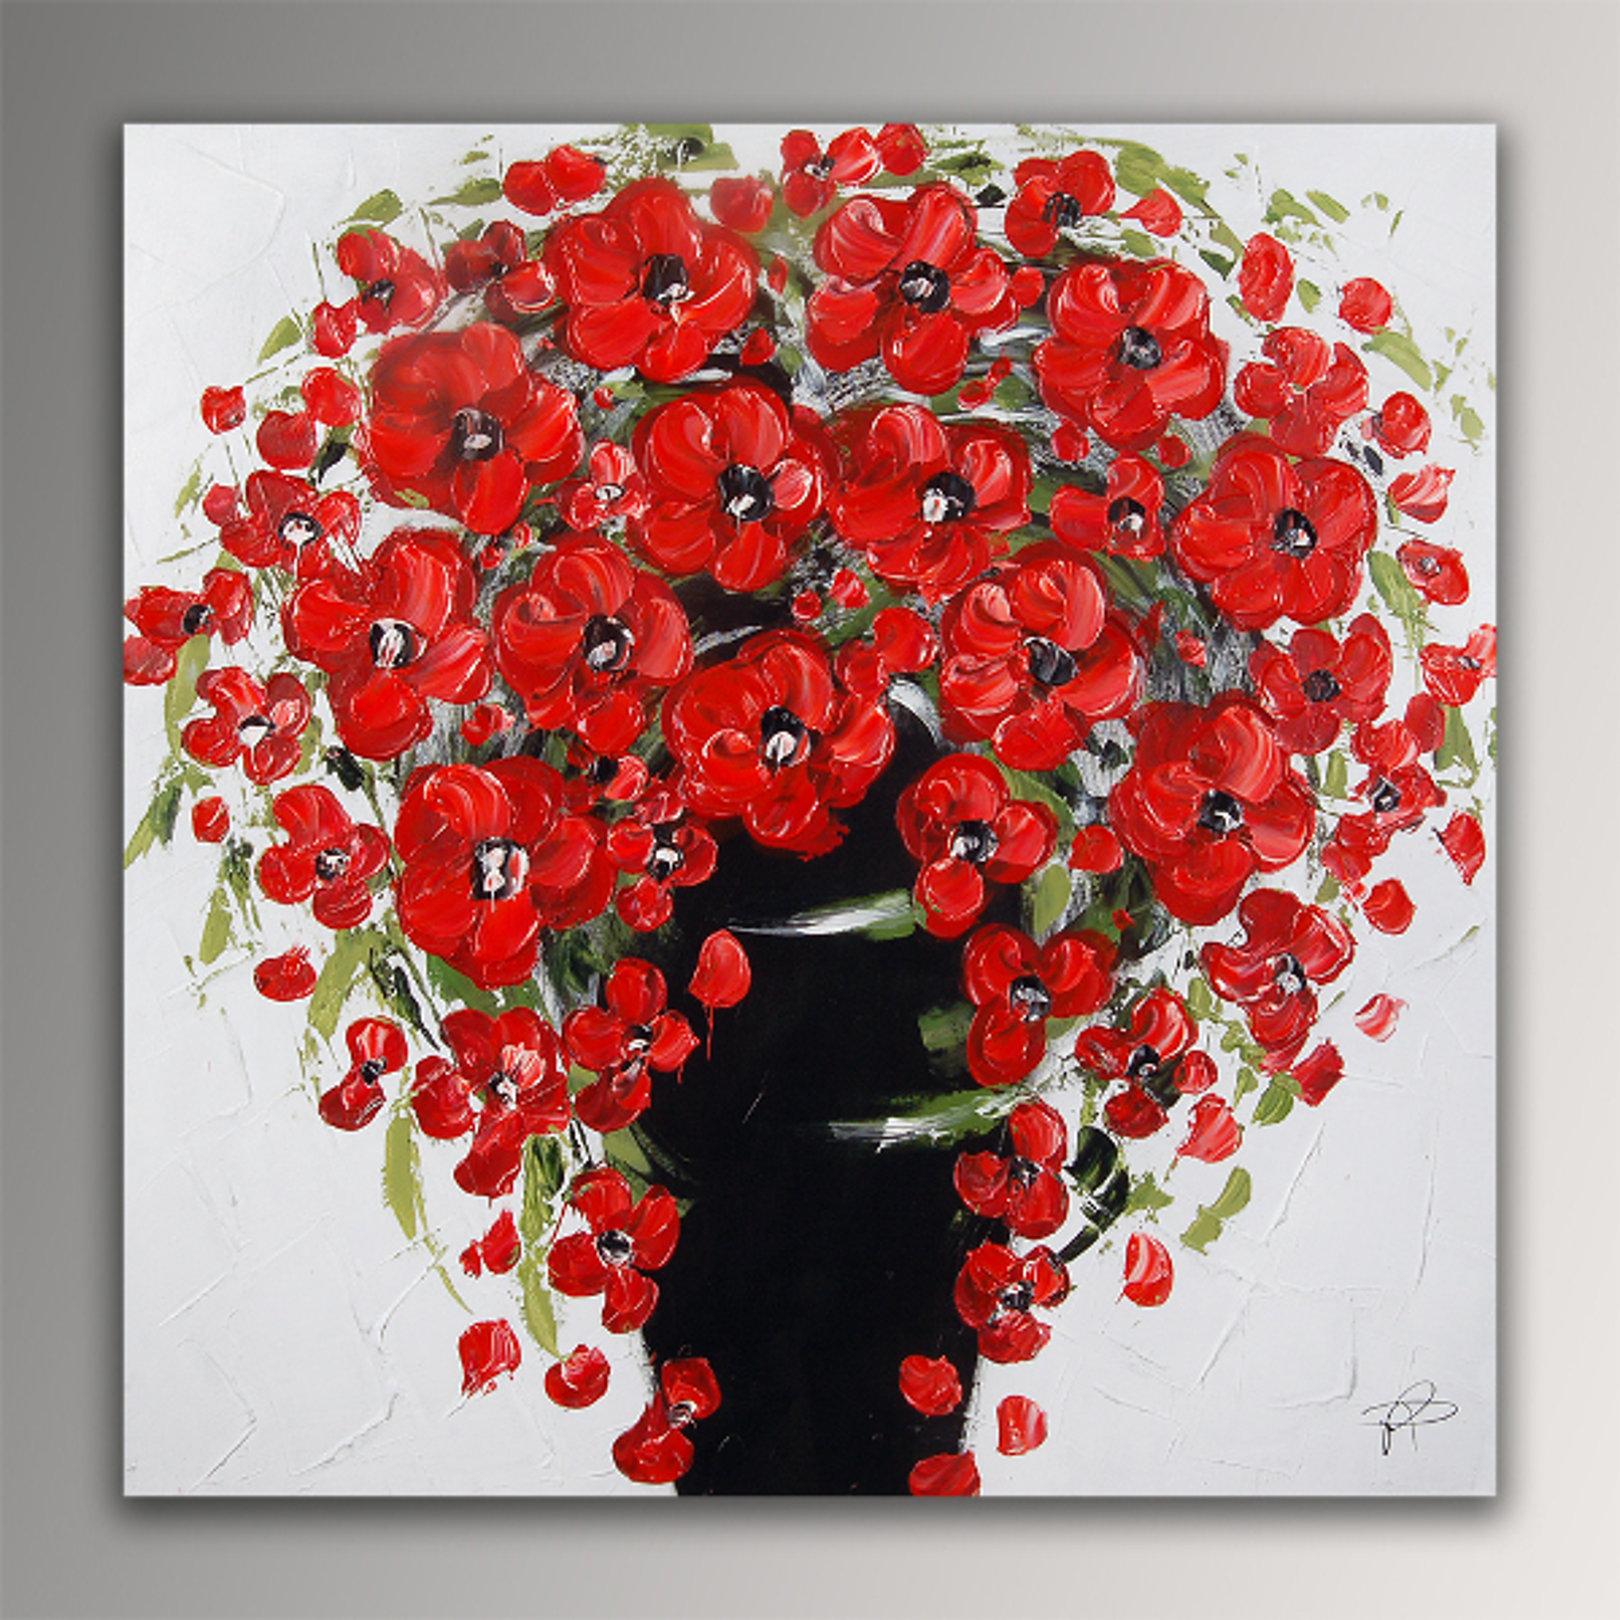 Quadro vaso fiori rossi di paolo rossini falso d 39 autore for Quadri con papaveri rossi